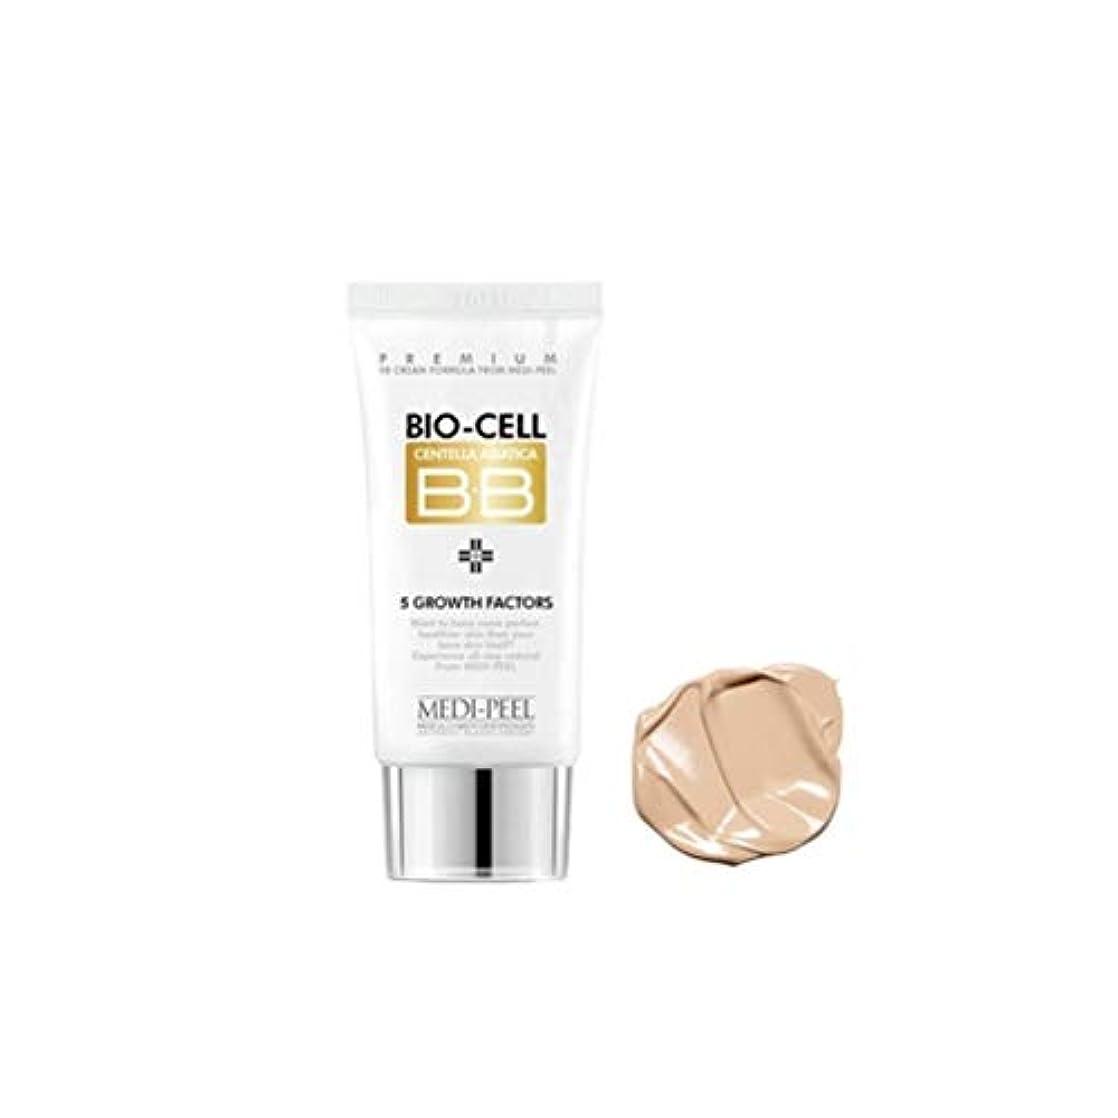 情熱的崖借りる[Medi-Peel] メディピール バイオセル BBクリーム 50ml. [美.白・シワ.改善2重機能性化粧品] Medi-Peel Bio-cell BB Cream 50ml.